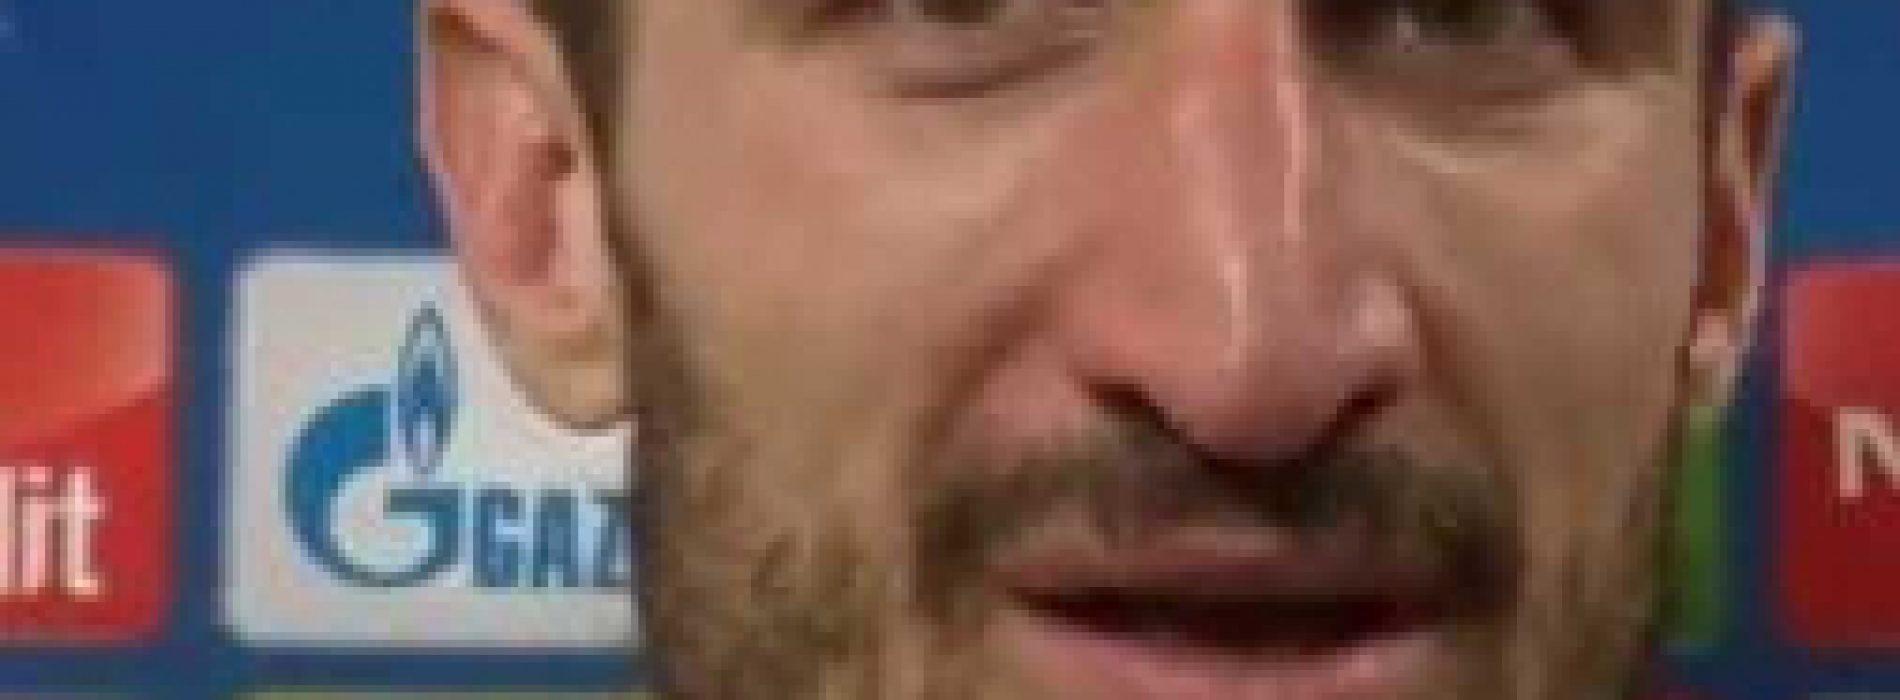 """Juventus, Chiellini: """"Anno difficile, partiamo per vincere"""". Marchisio: """"Pirlo crescerà e verrà aiutato"""""""